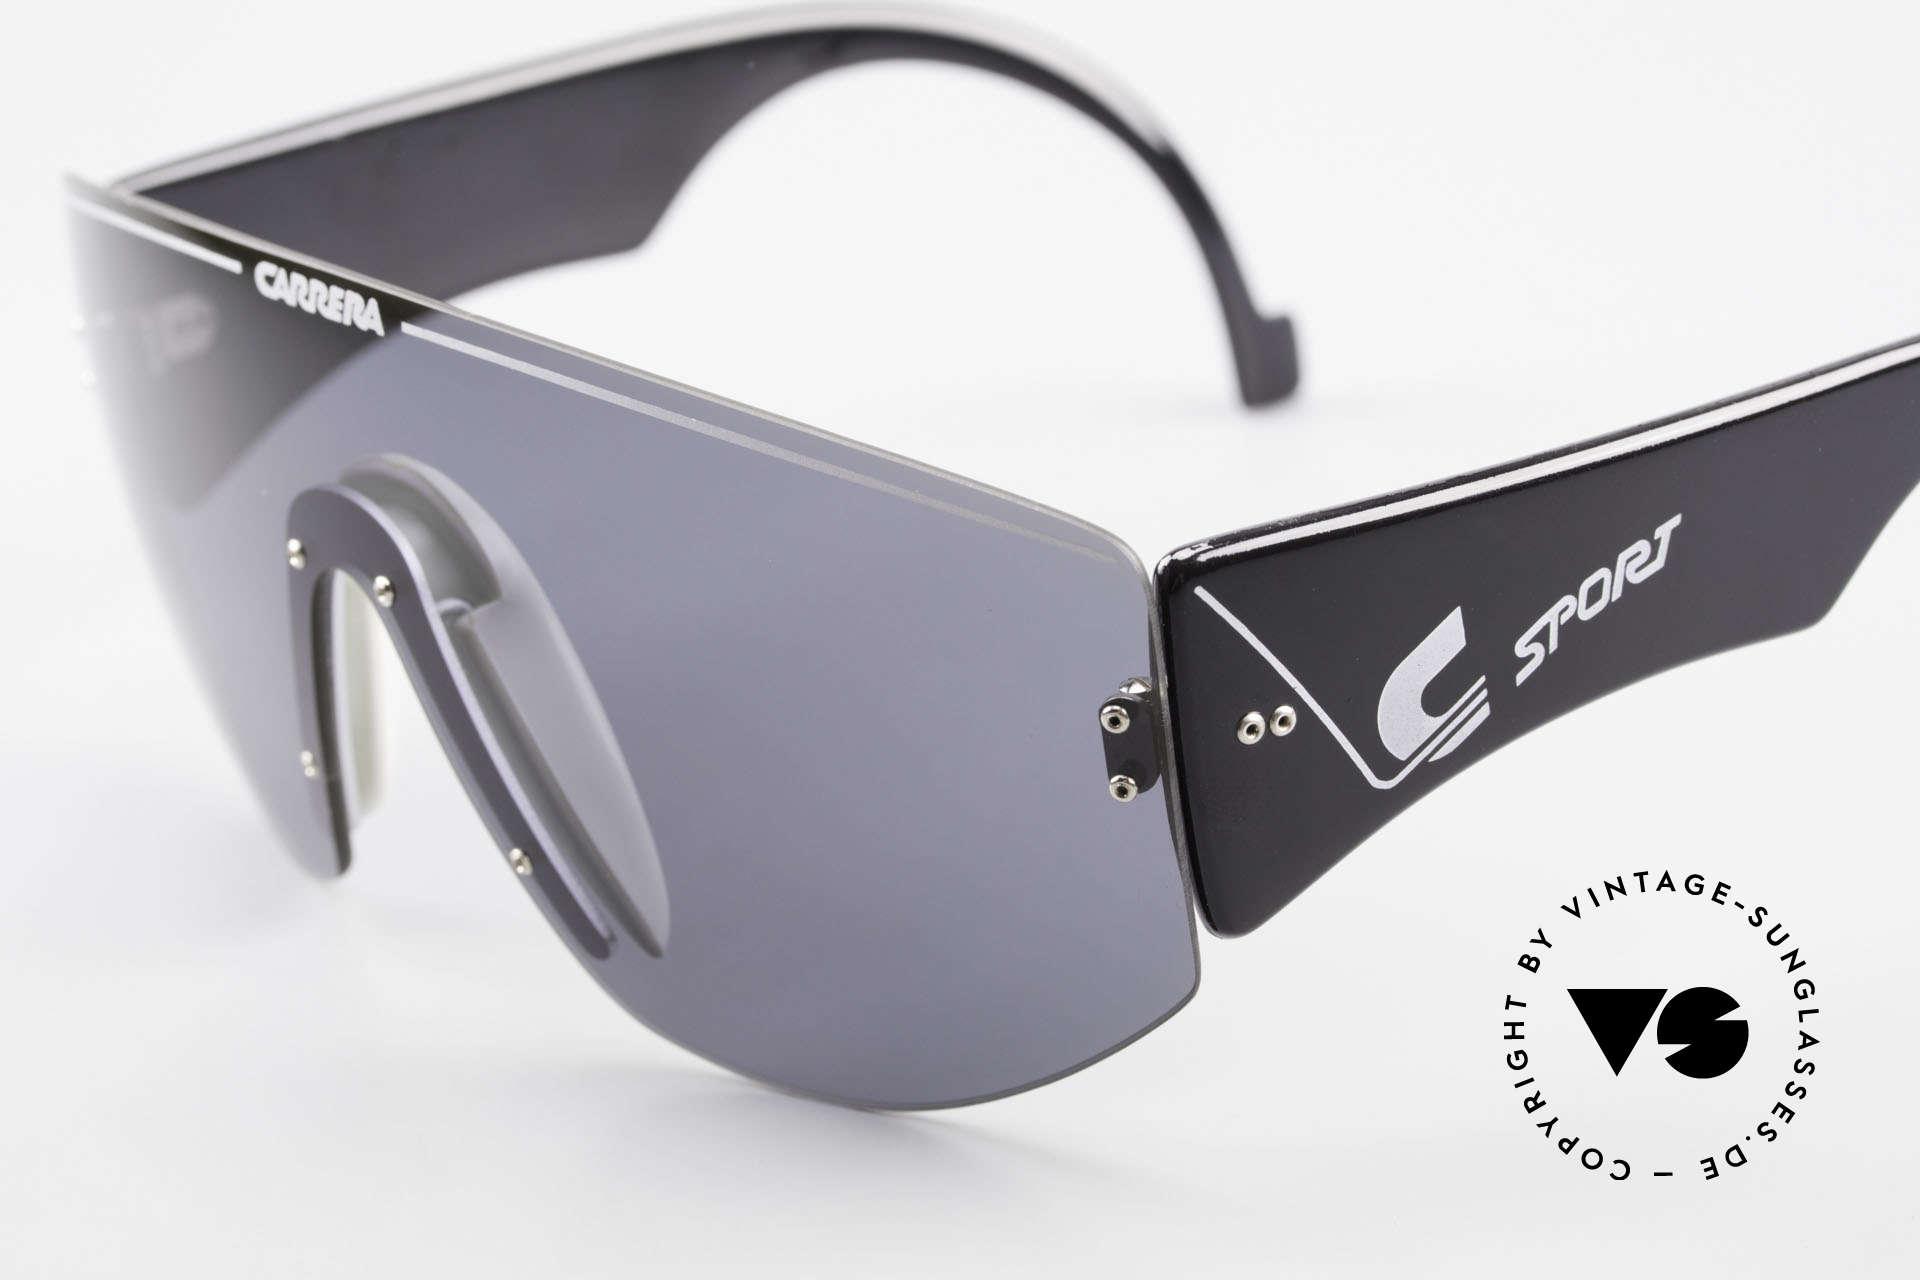 Carrera 5414 Rare Sport Sonnenbrille 90er, ungetragene Rarität (wie alle unsere Carrera SPORT), Passend für Herren